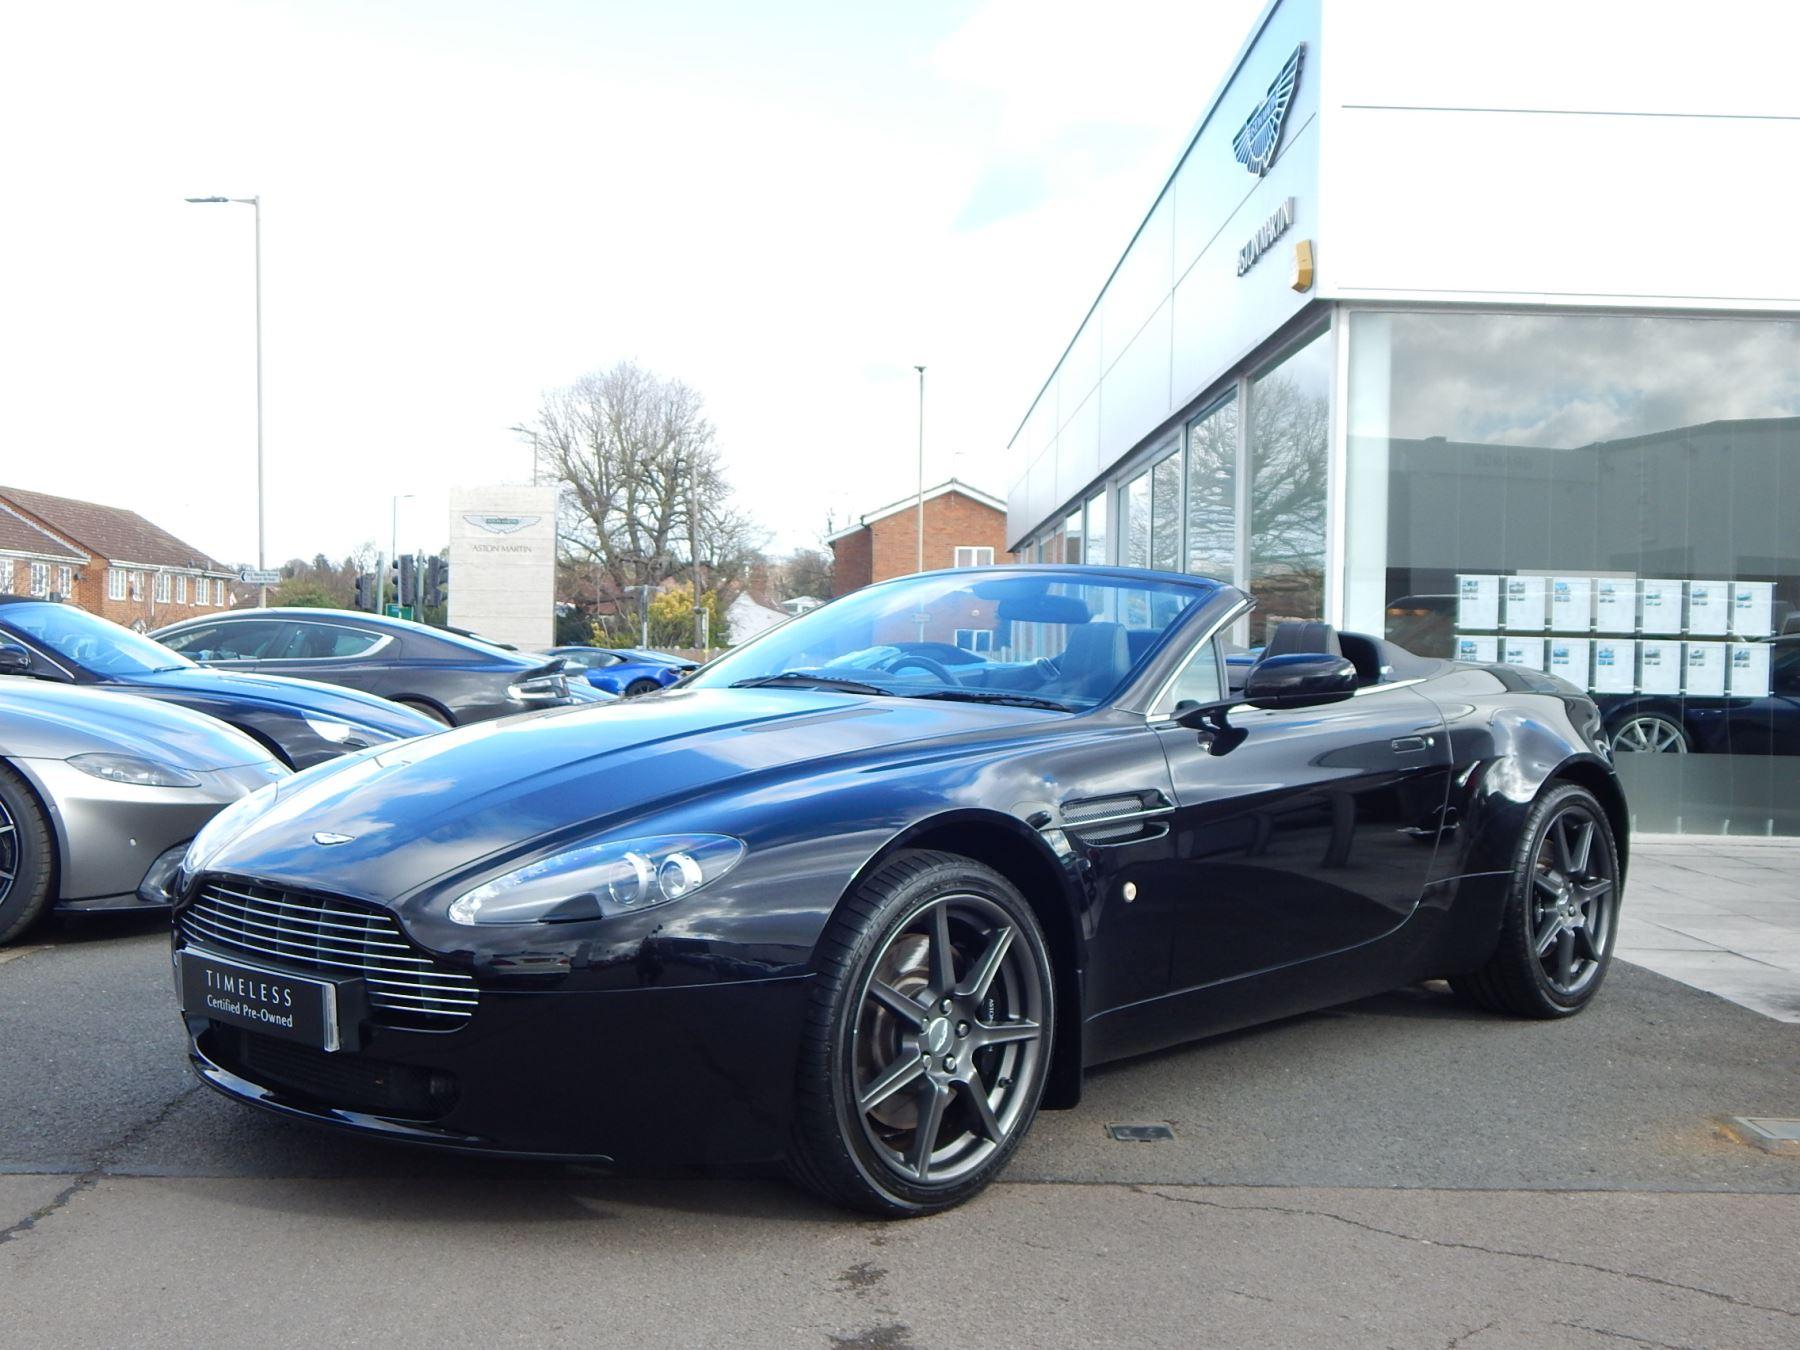 Aston Martin V8 Vantage Roadster 4.3 V8 Roadster image 3